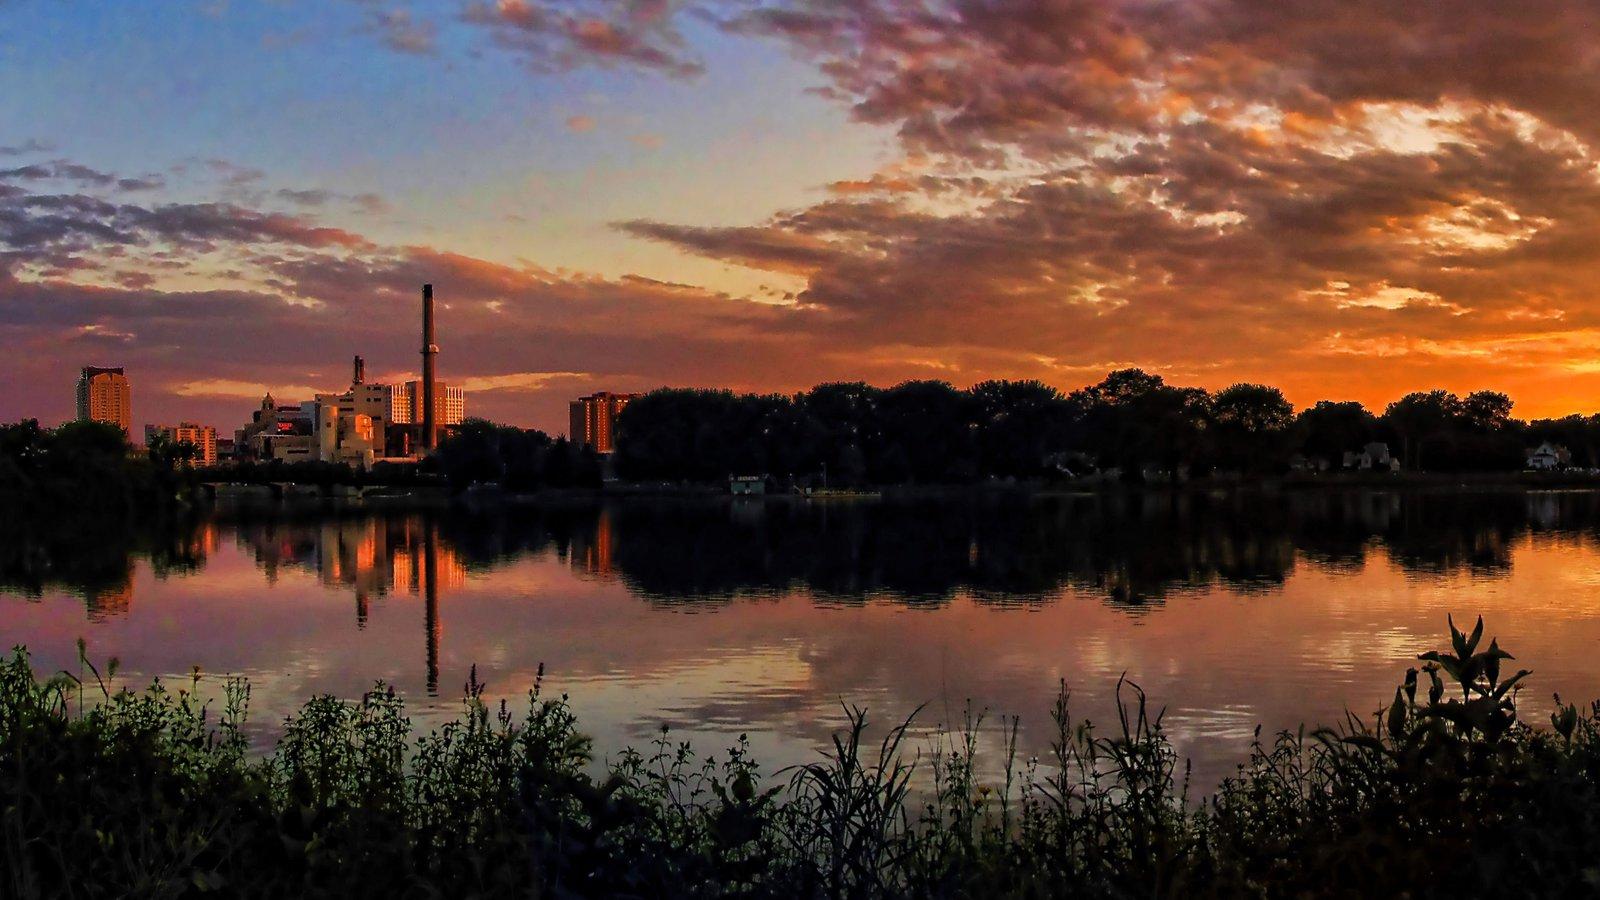 Rochester mostrando vistas de paisajes, una ciudad y un lago o abrevadero